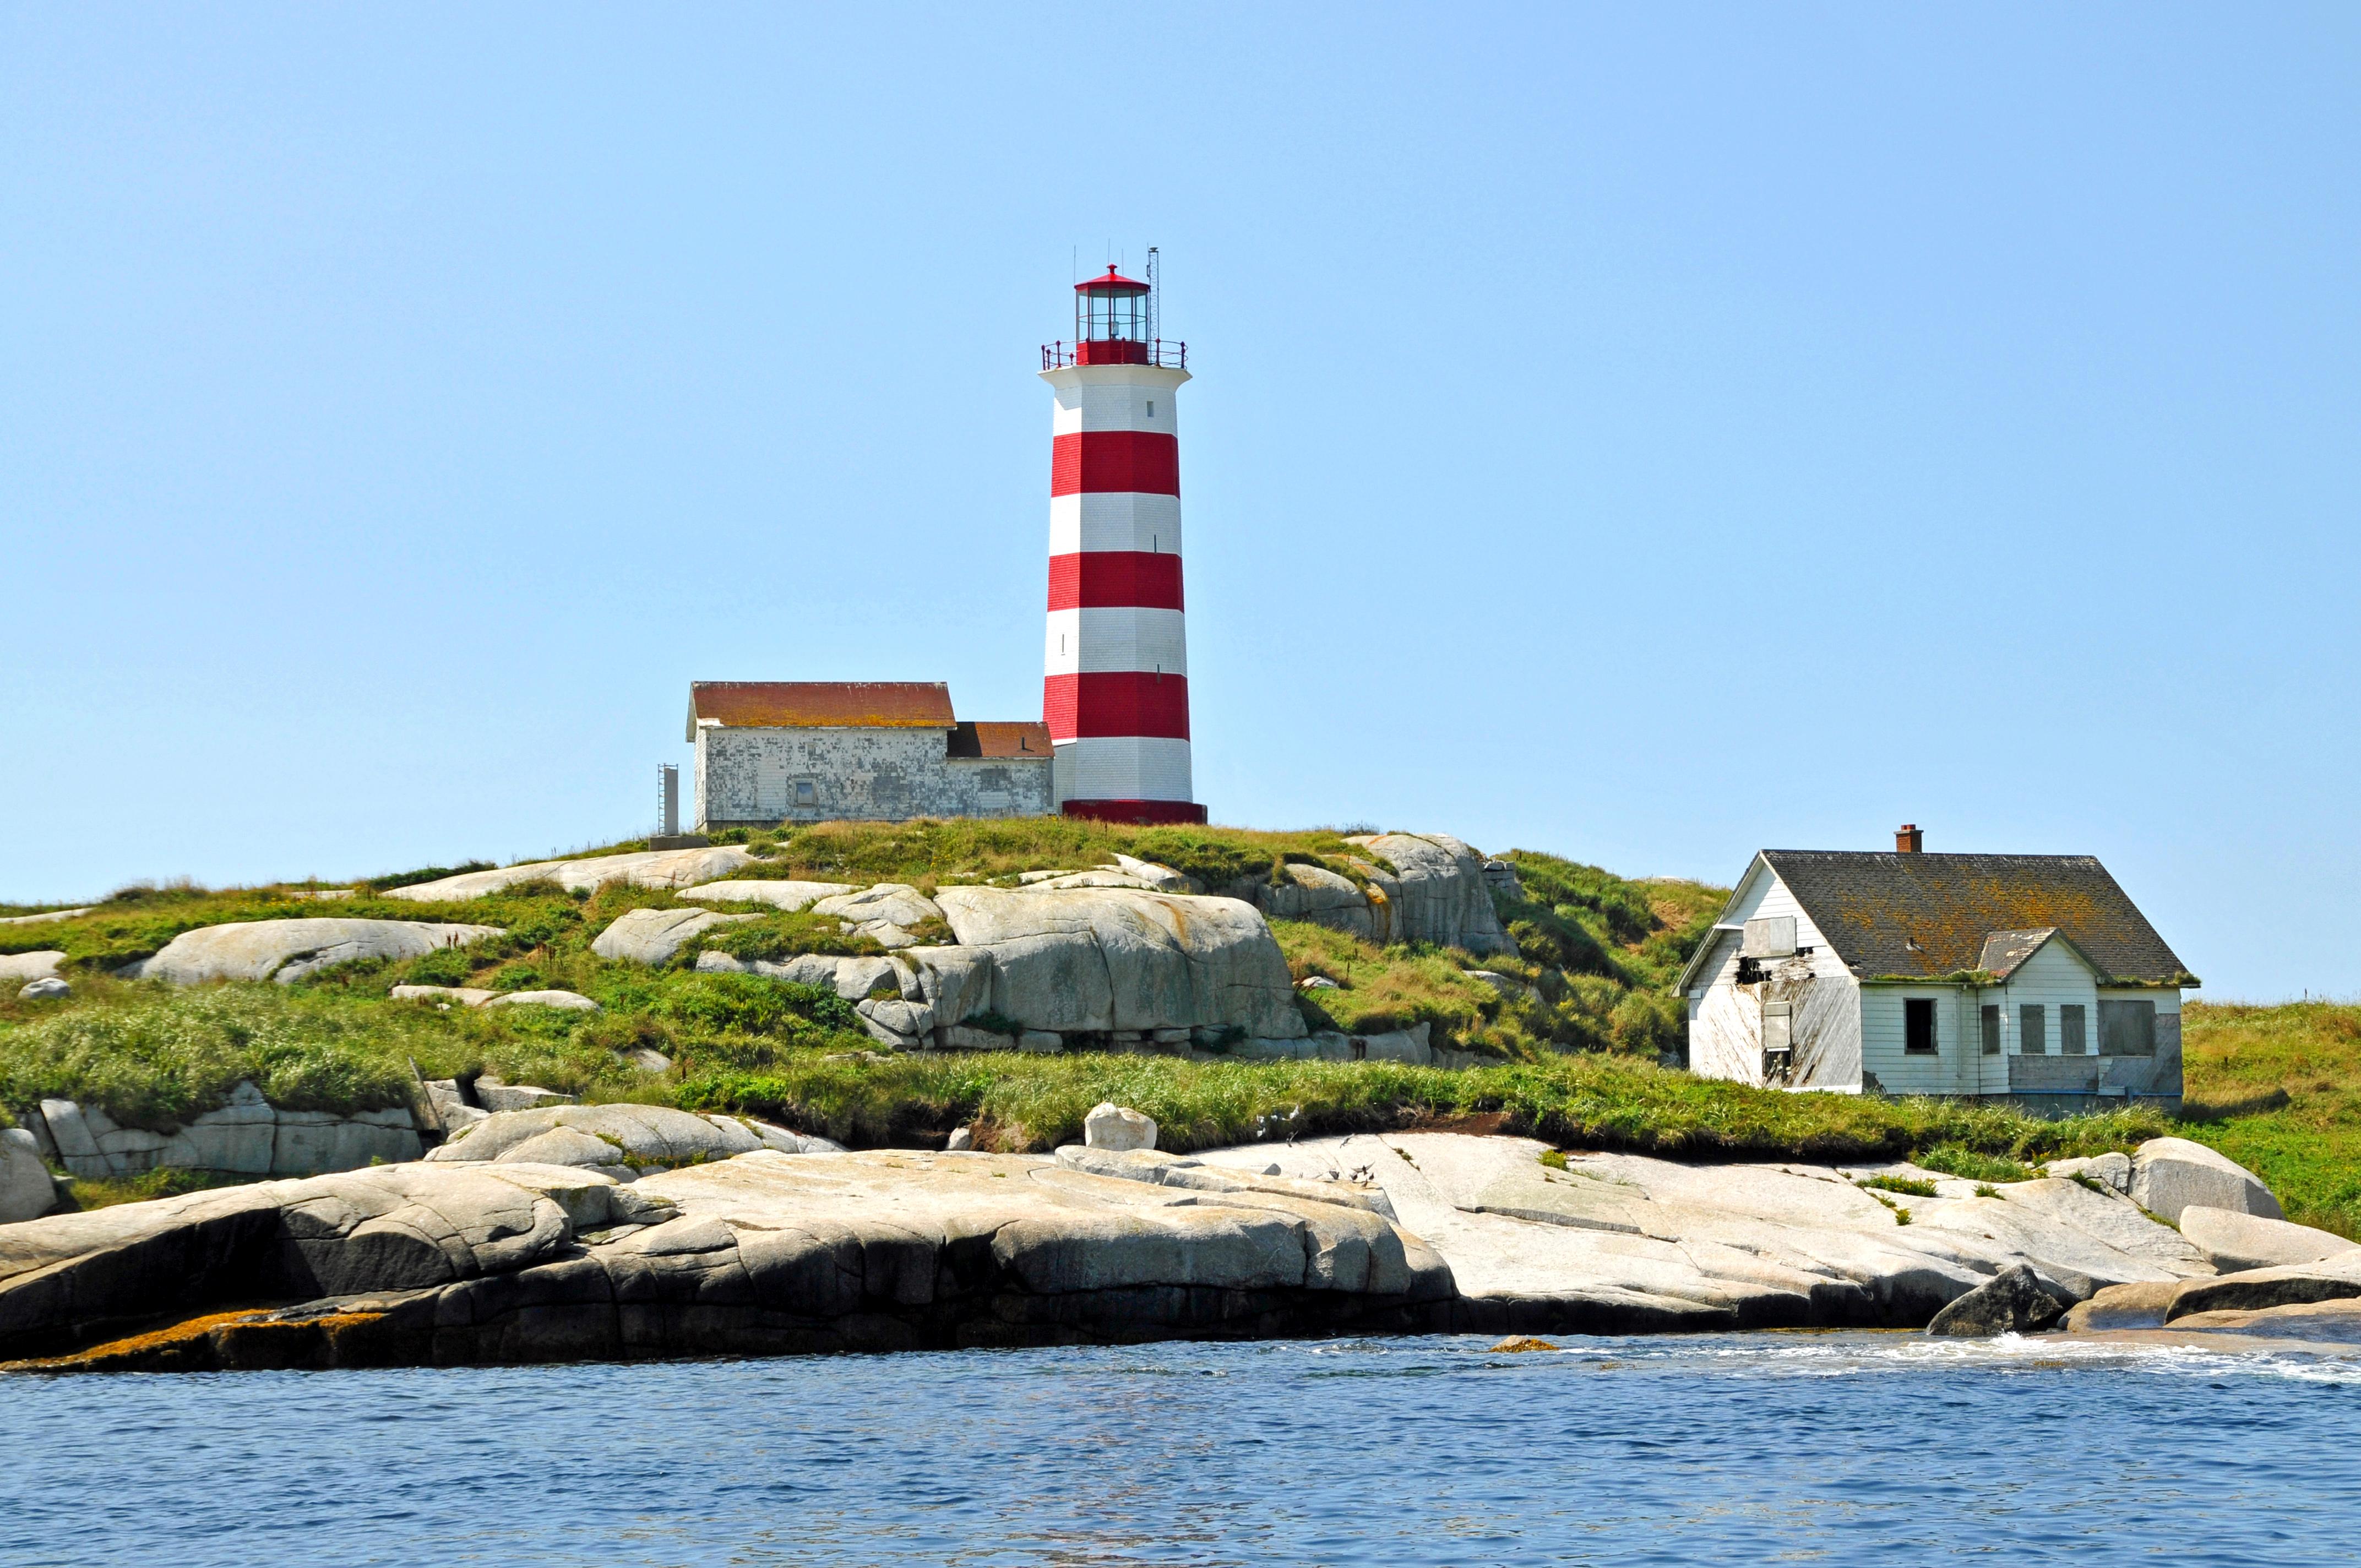 Island Hope Island